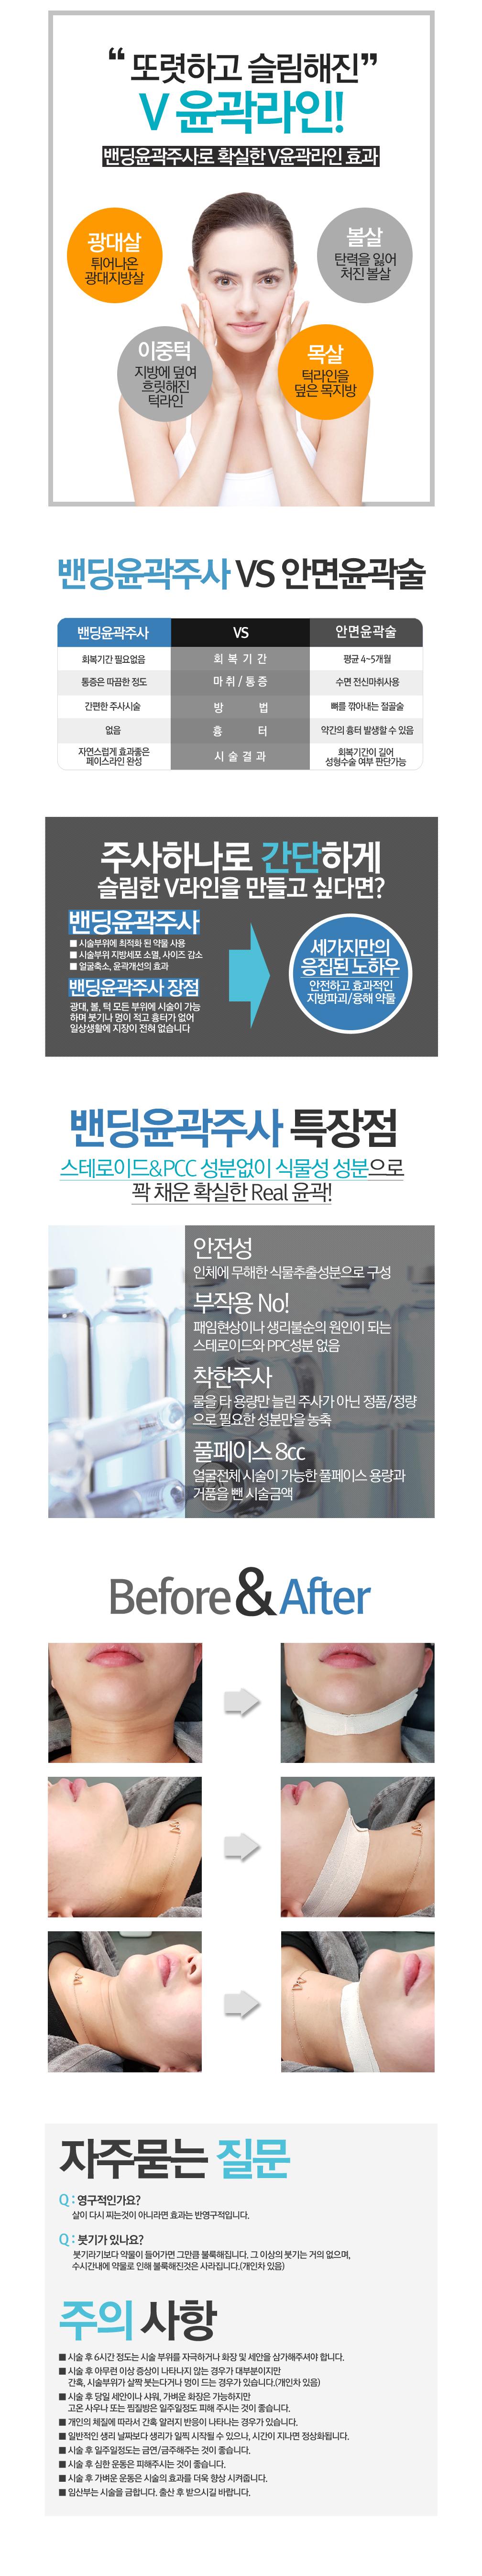 전후사진 수정.jpg